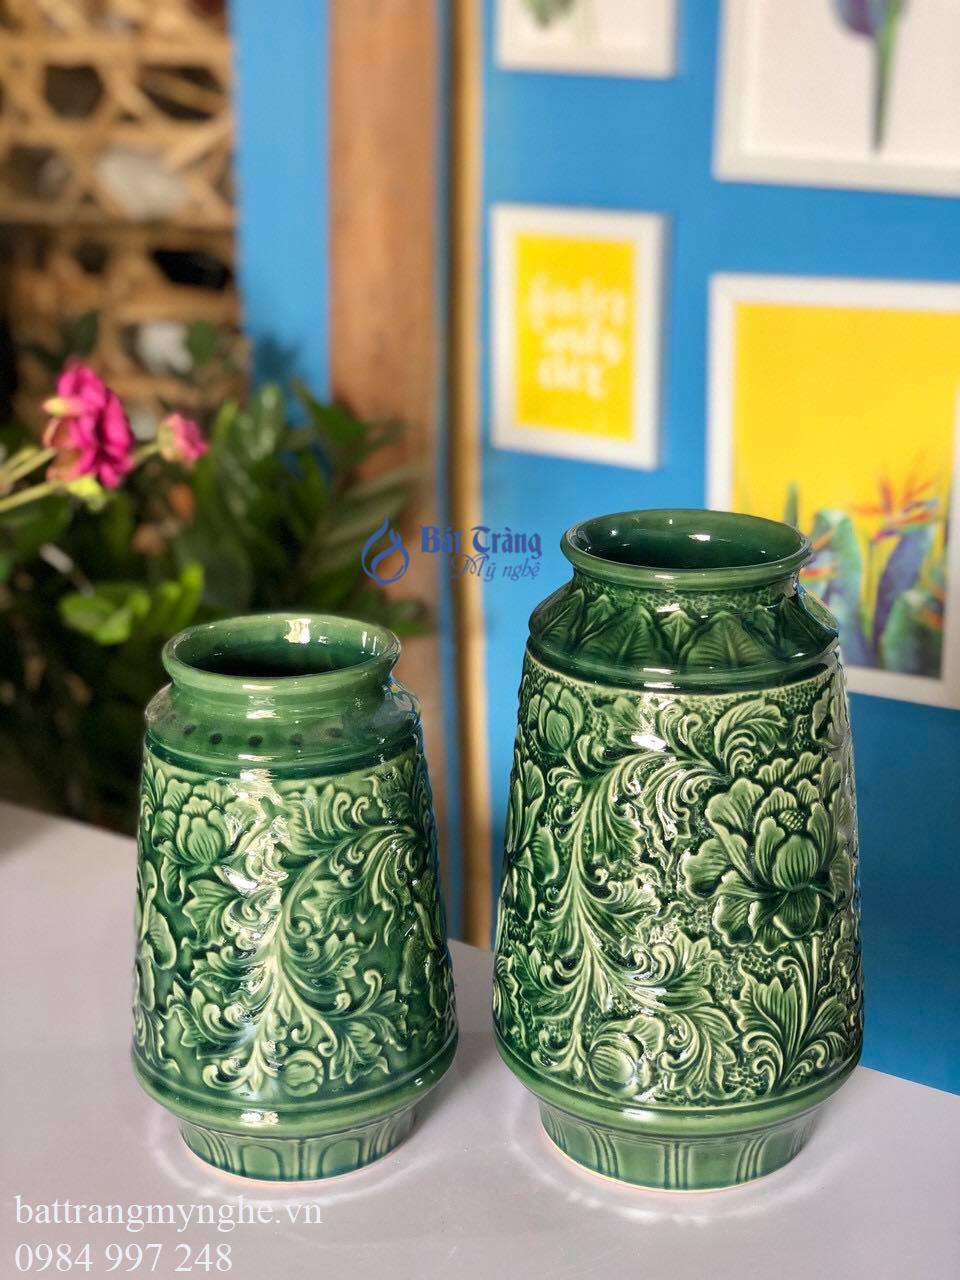 Bộ đôi lọ hoa khắc hoa văn dáng bầu men xanh lá cây